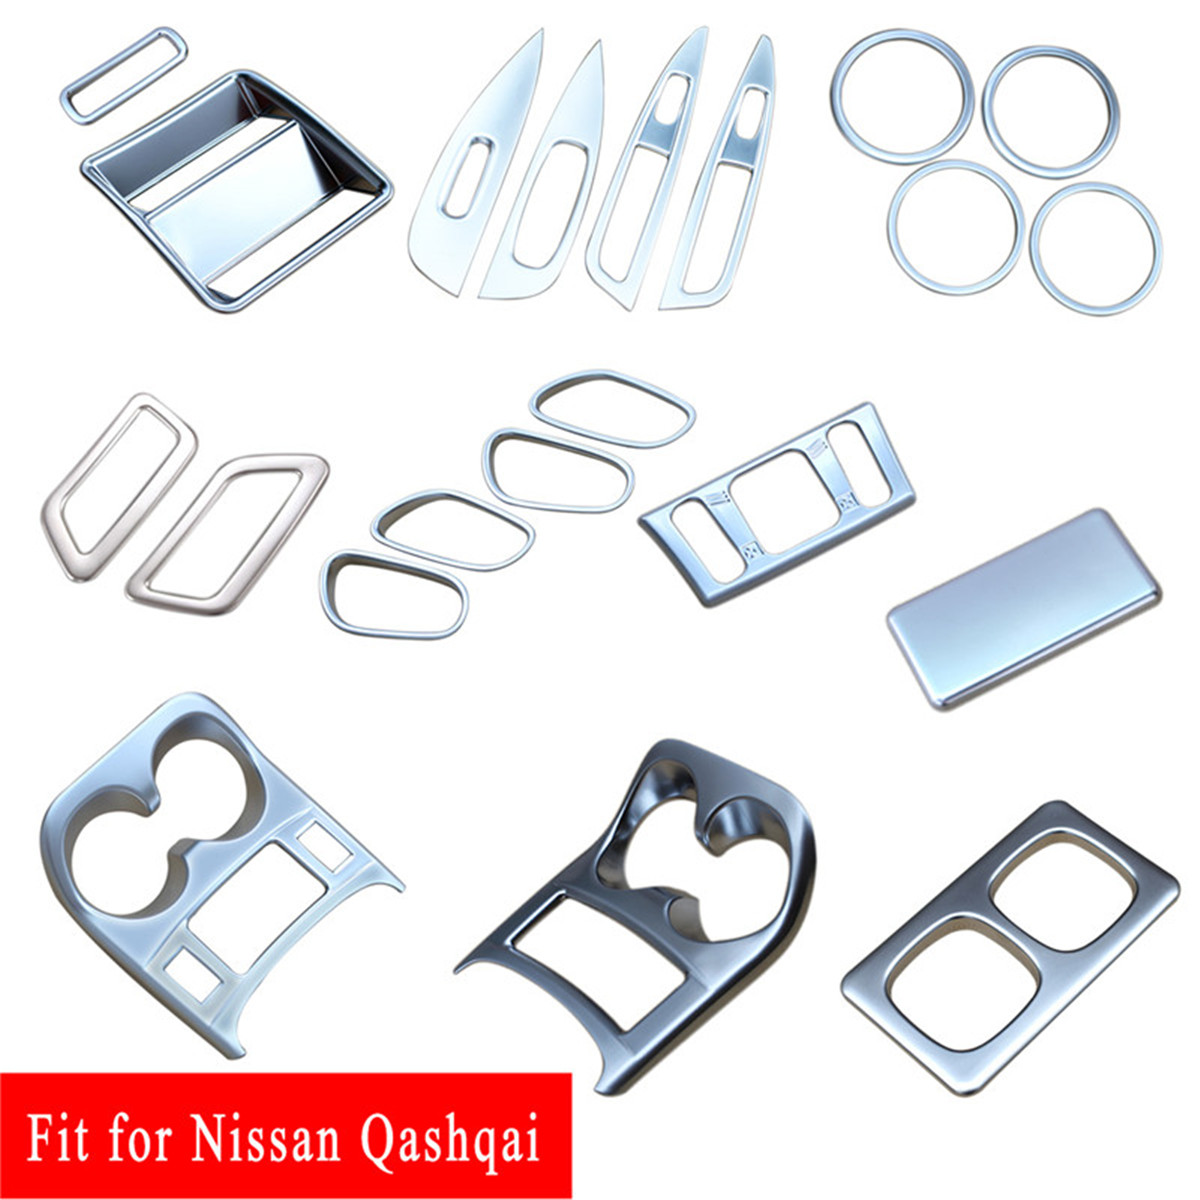 Akcesoria chromowane uchwyt na kubek wody klamka pokrywa wentylatora wykończenia Fit dla Nissan Qashqai J11 2014 2015 2016 2017 2018 2019